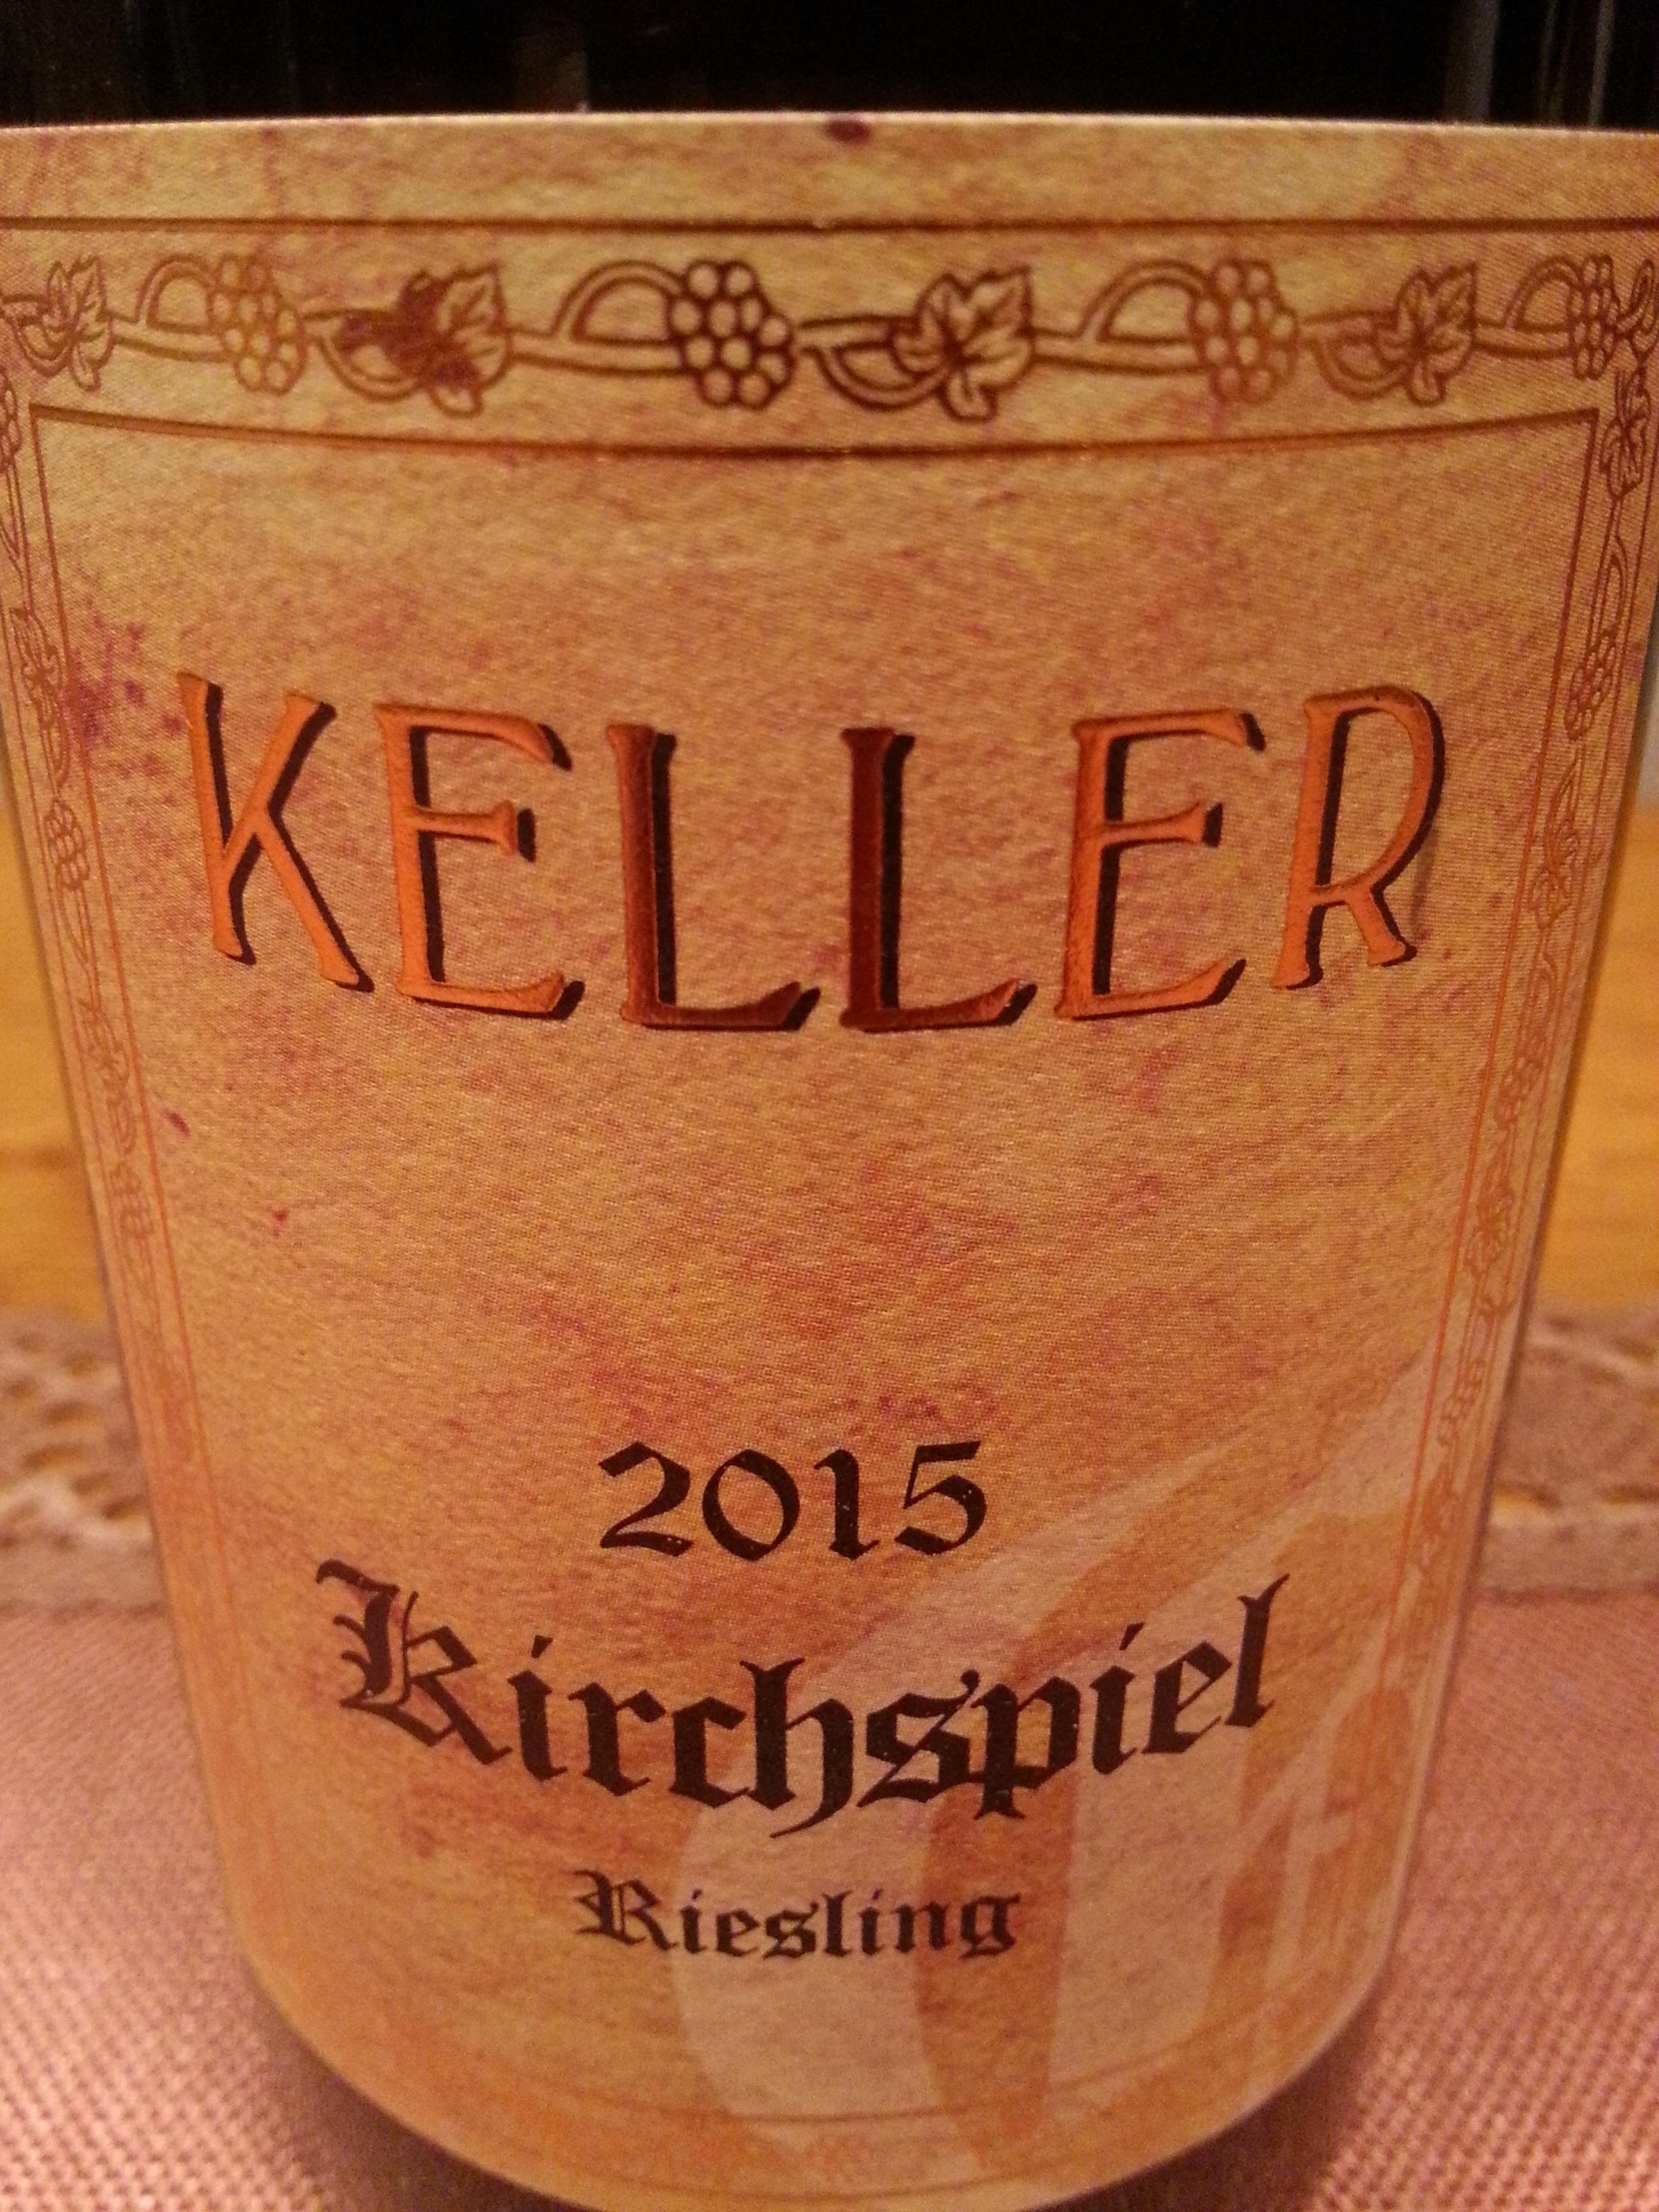 2015 Riesling Kirchspiel GG | Keller